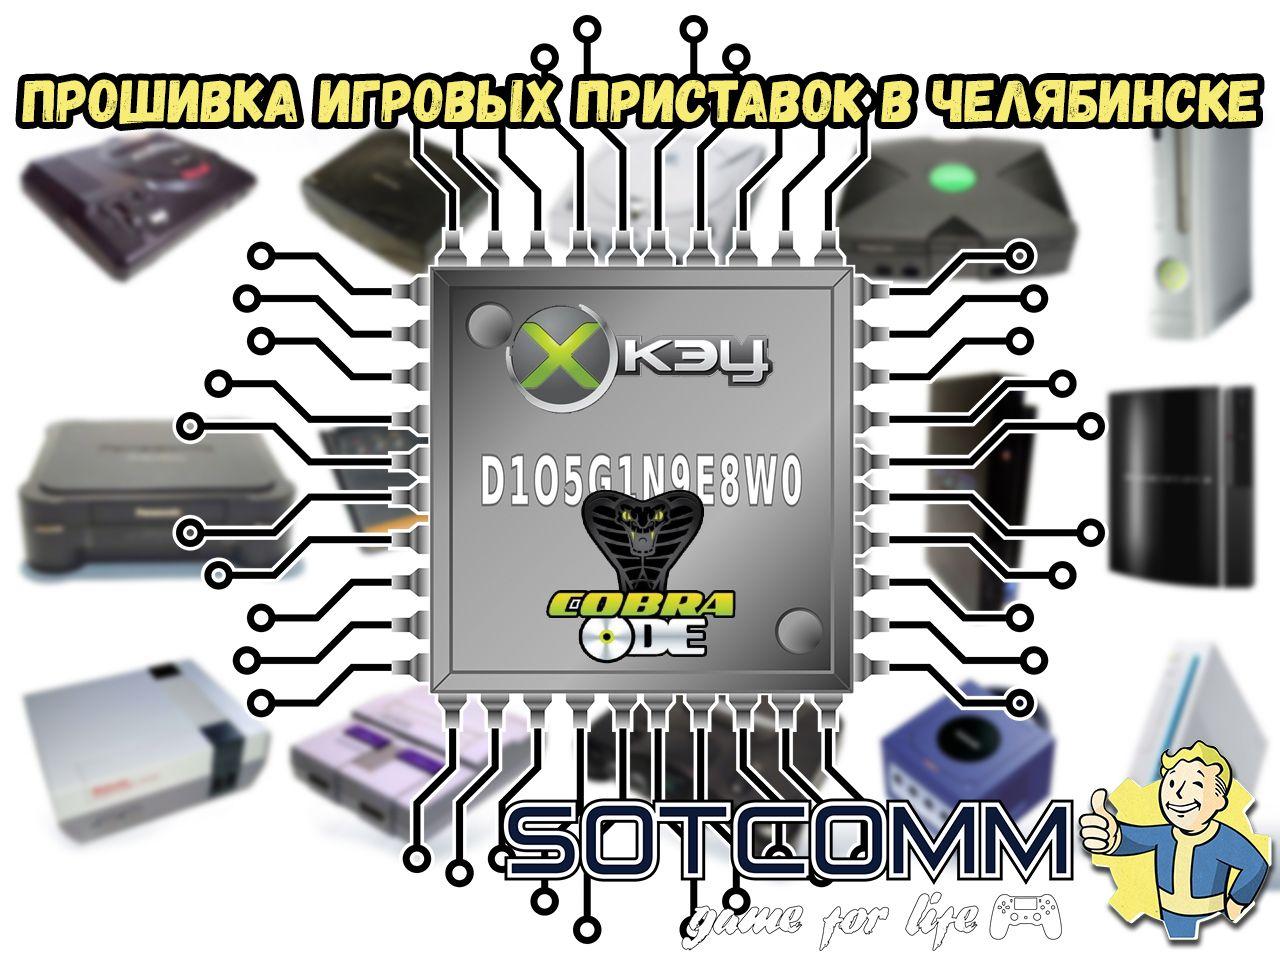 Прошивка игровых приставок в Челябинске